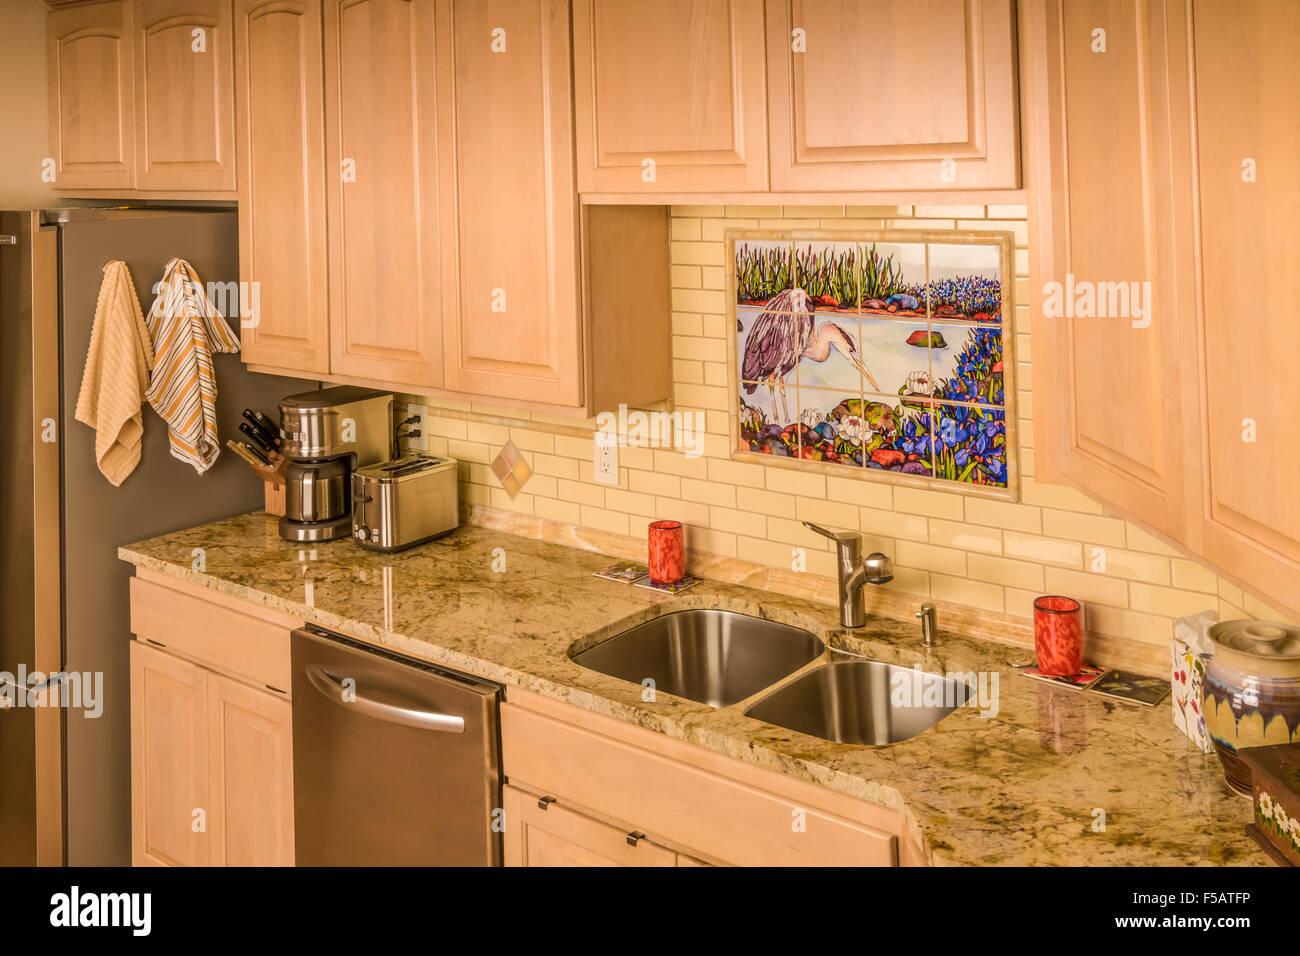 Großartig Aufkantung Für Küche Mit Granit Fotos - Ideen Für Die ...